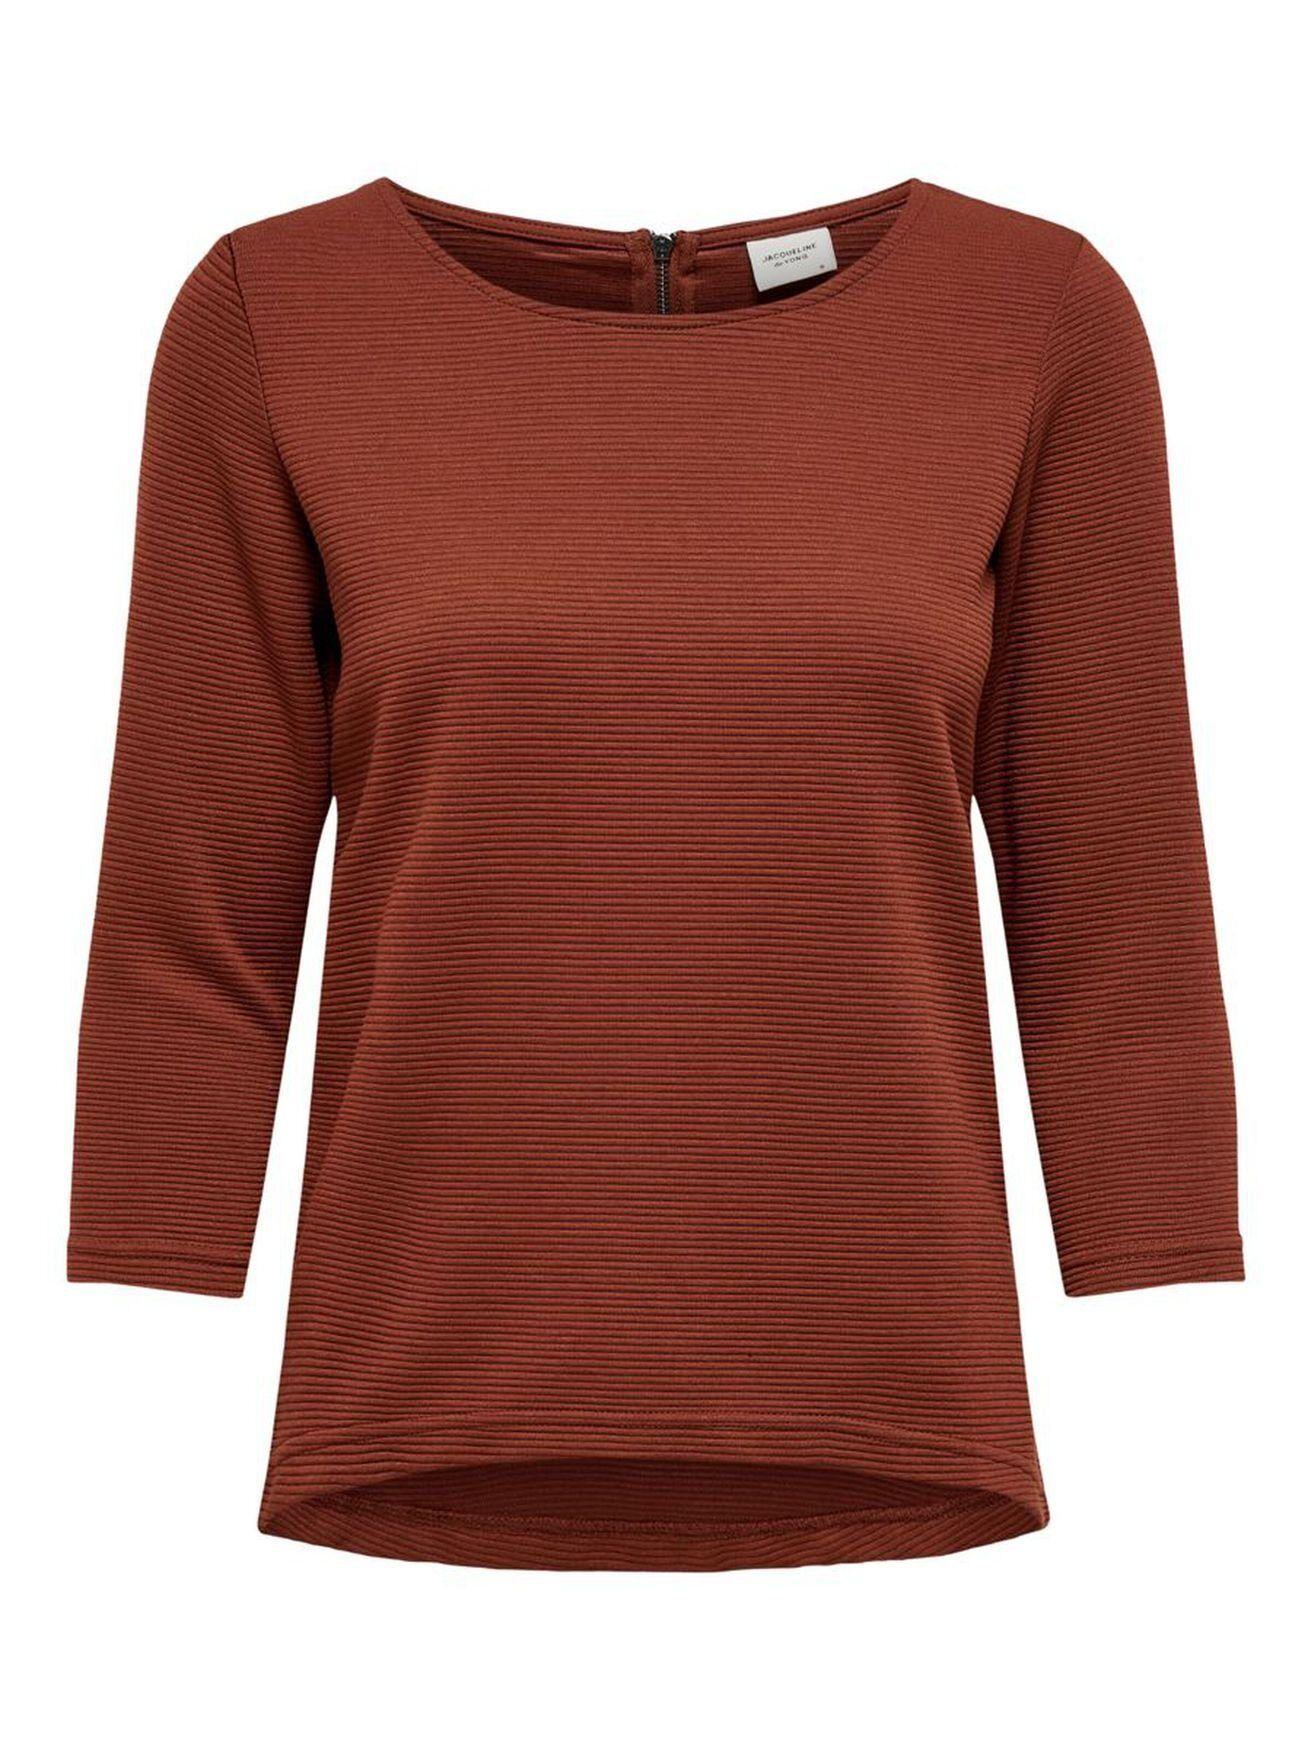 JACQUELINE de YONG Longpullover »2527« Damen Shirt Slim Fit Reißverschluss Casual JDYSAGA 3/4 ZIP TOP JRS NOOS, Braun